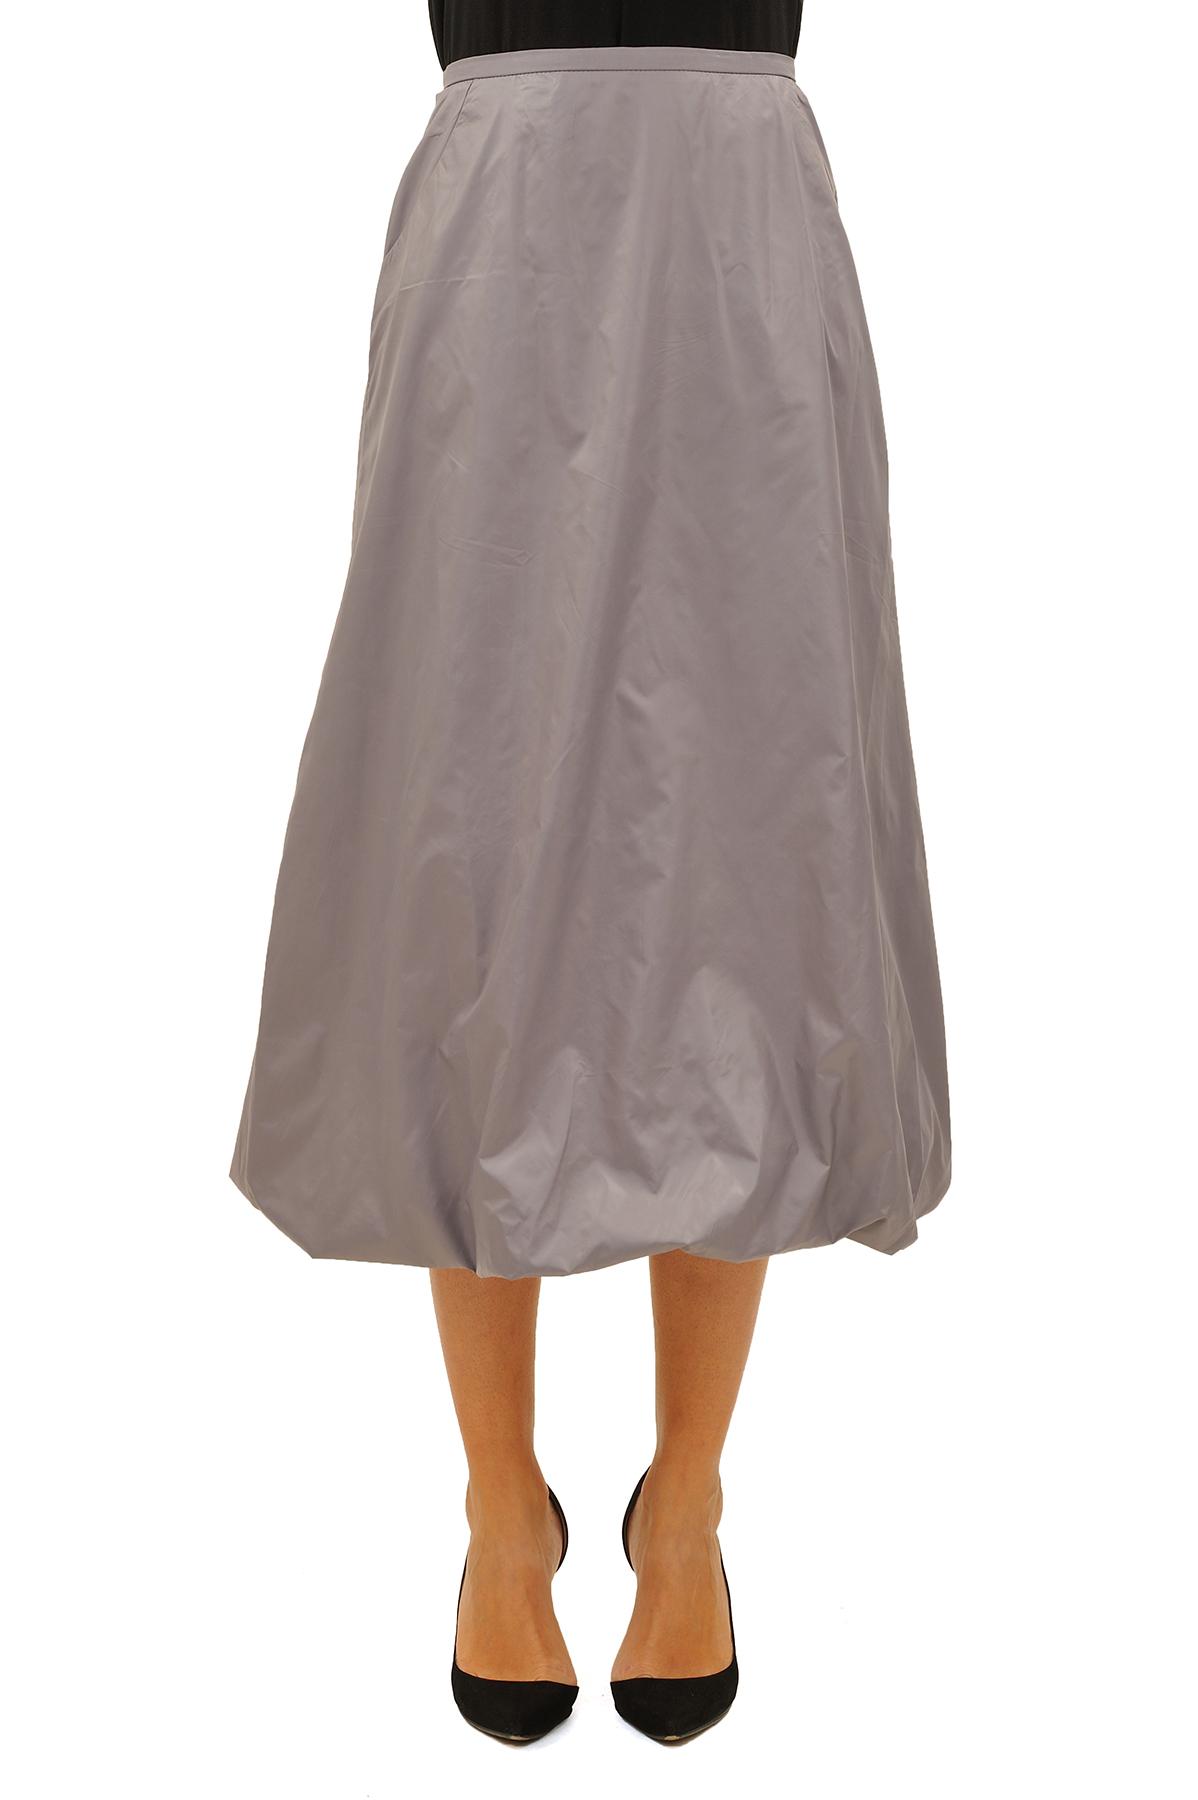 ЮбкаЖенские юбки и брюки<br>Эффектная юбка должна быть в каждом гардеробе и эта модель отвечает всем требованиям современной модницы! Благодаря спокойной однотонной расцветке, юбка превосходно гармонирует с любыми вещами.<br><br>Цвет: светло-серый<br>Состав: 100 % полиэстер<br>Размер: 42,44,46,48,50,52,54<br>Страна дизайна: Россия<br>Страна производства: Россия